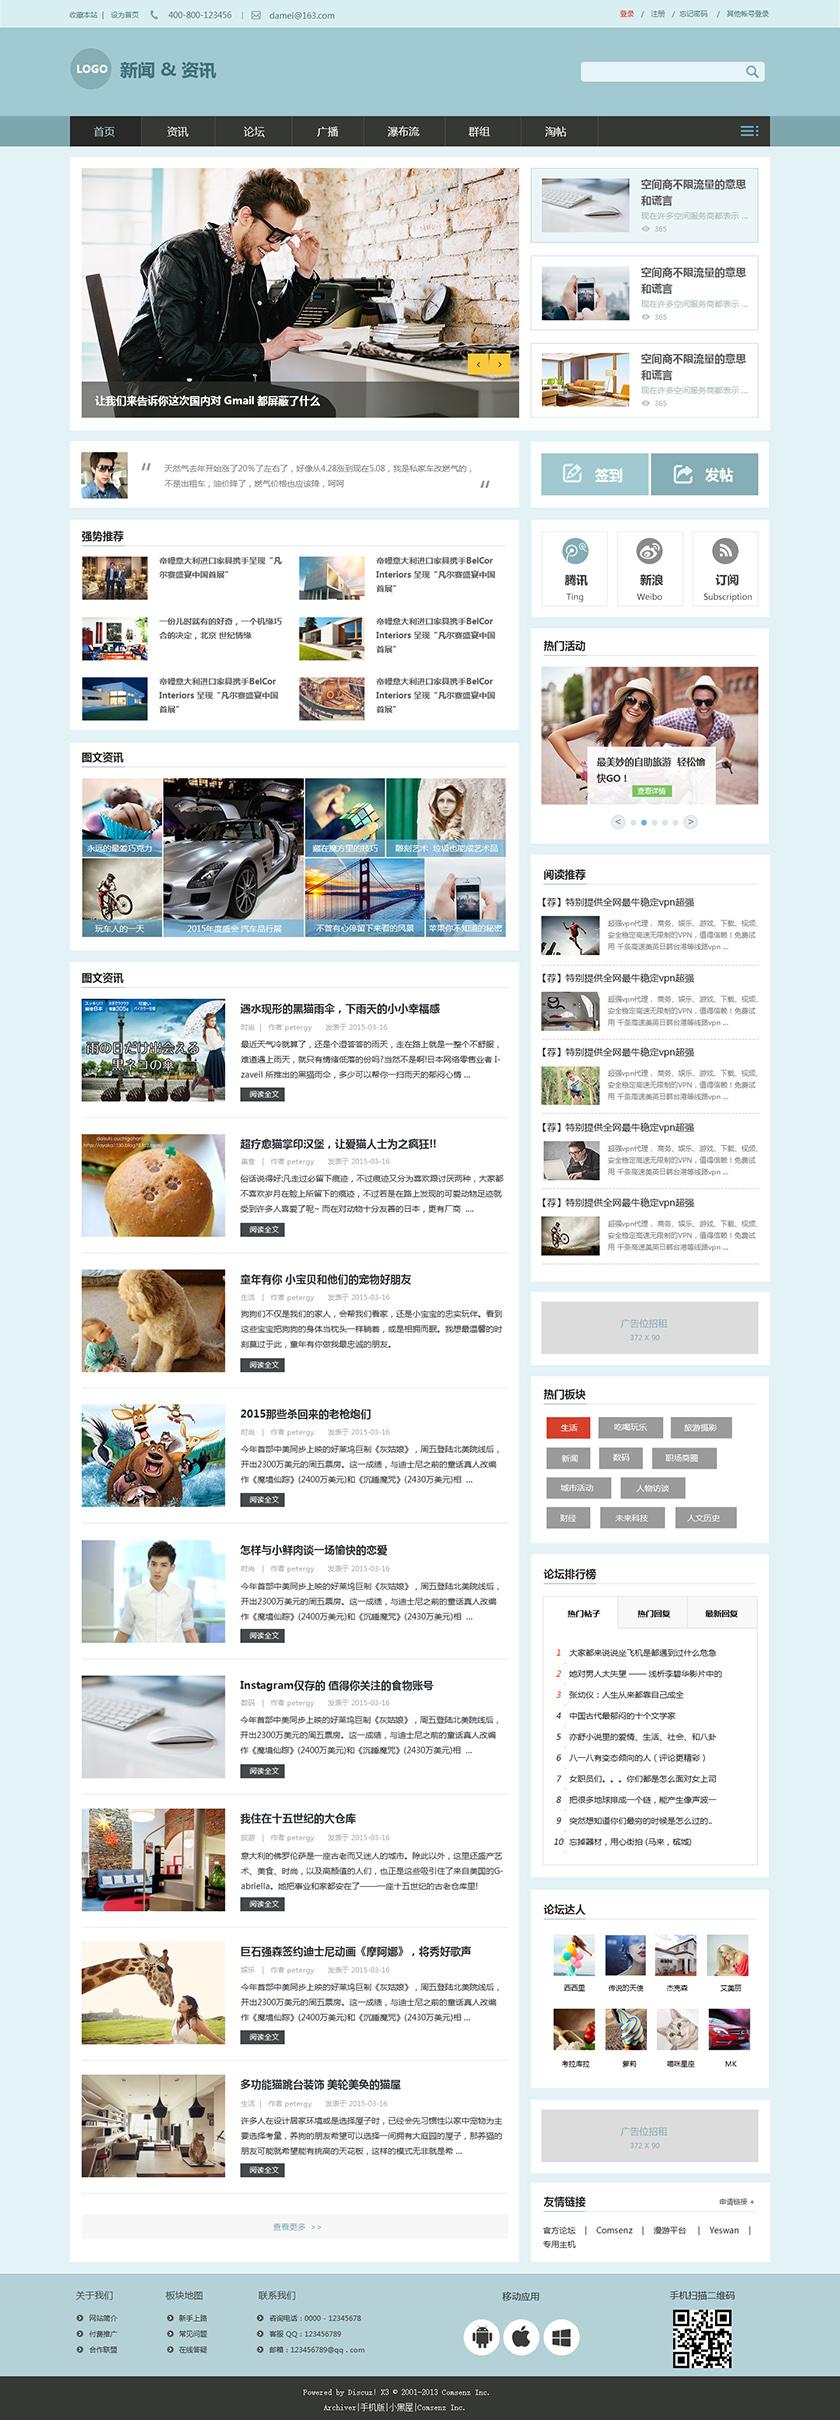 【价值180元】社区/资讯/新闻